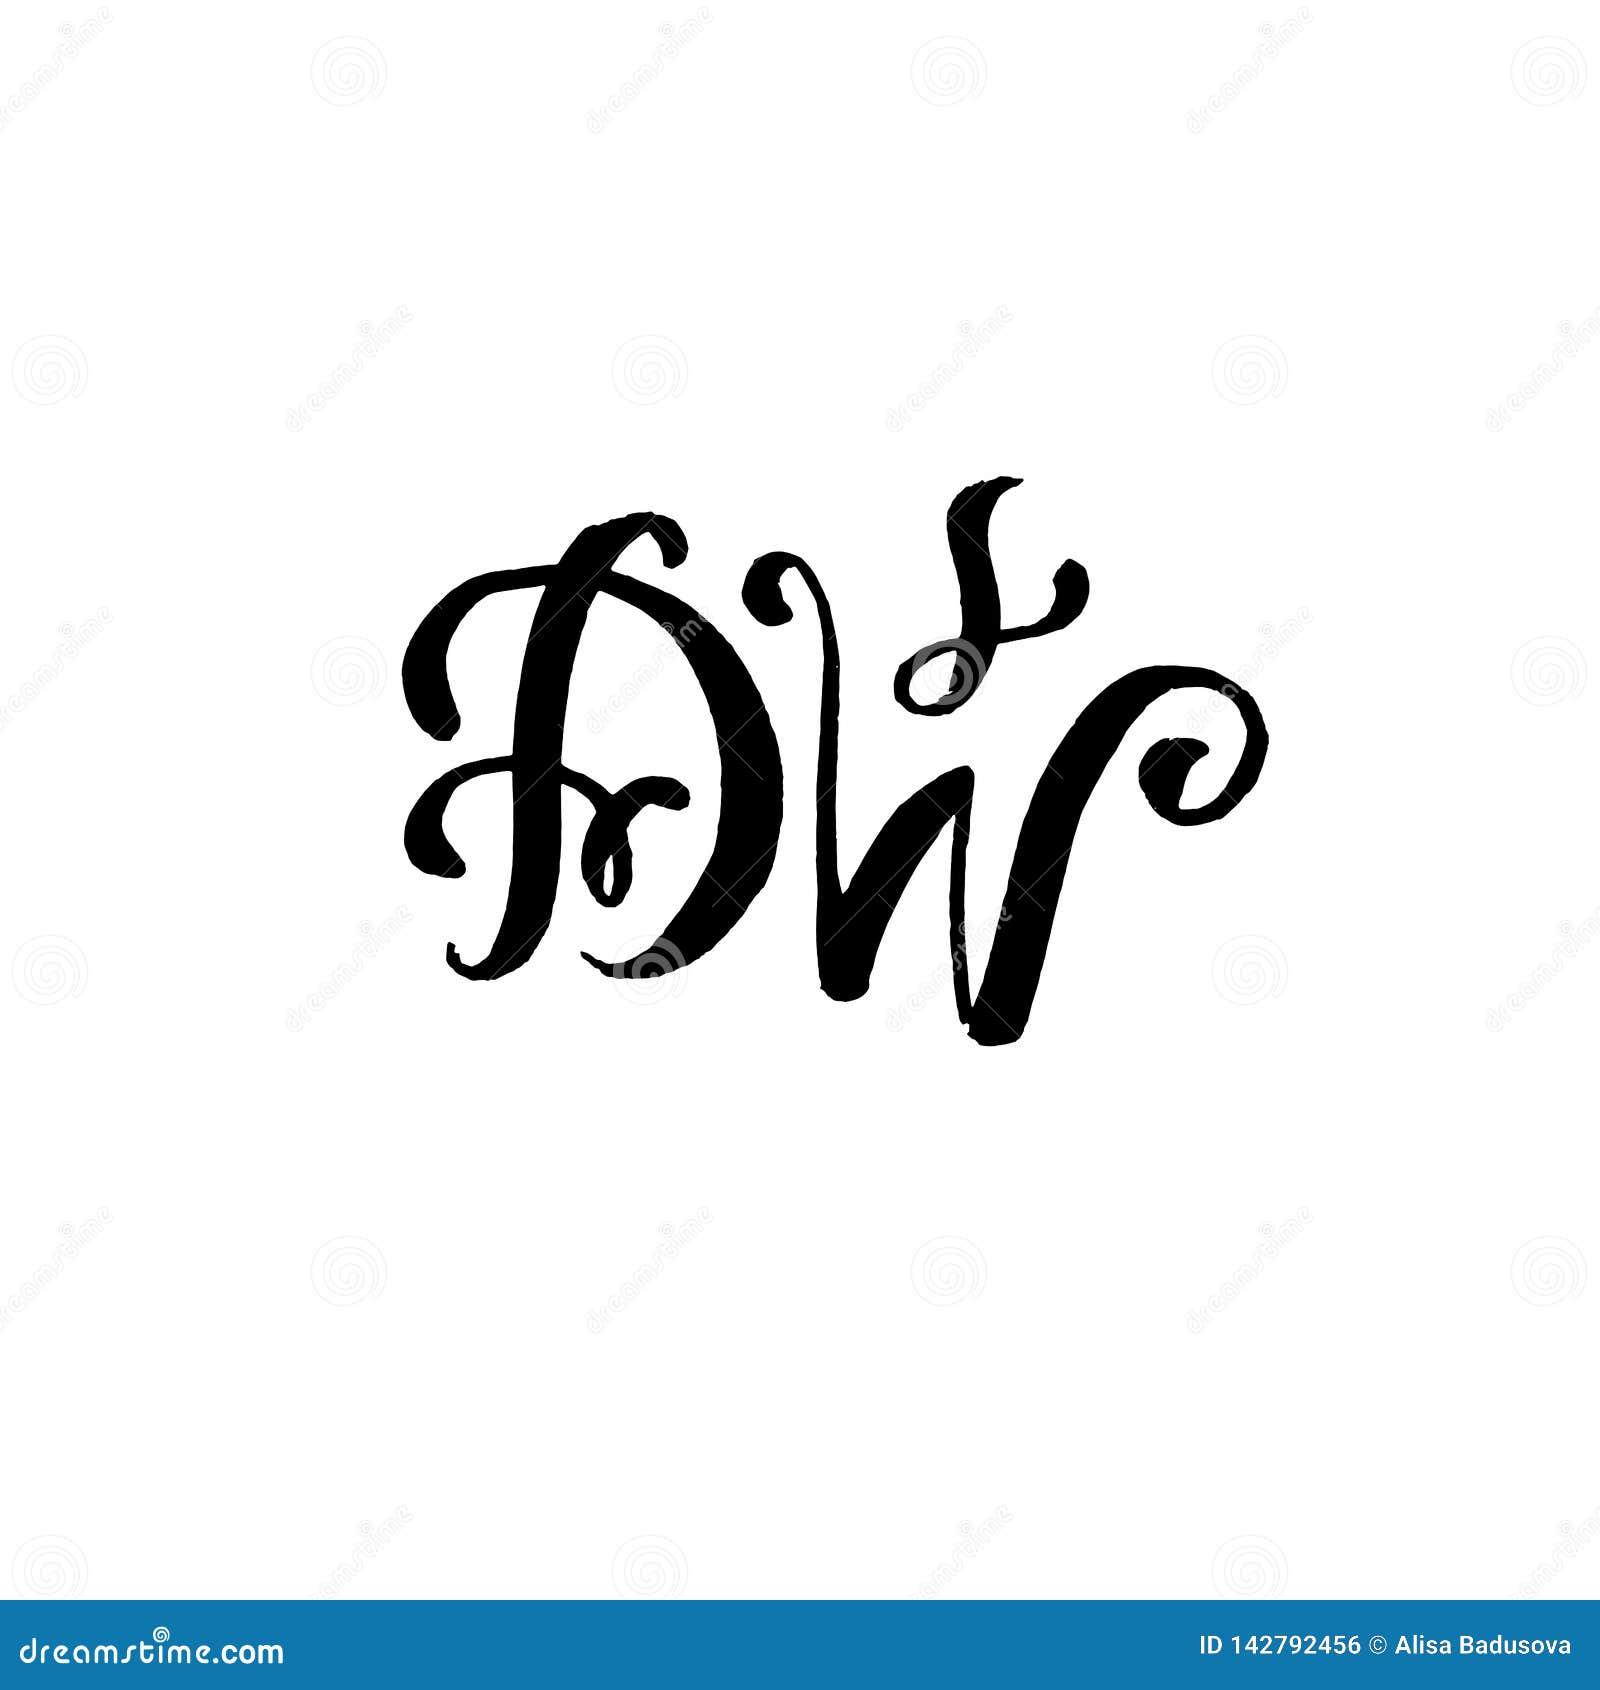 Letras exhaustas D y W de la mano para casarse diseño del monograma del logotipo en el fondo blanco